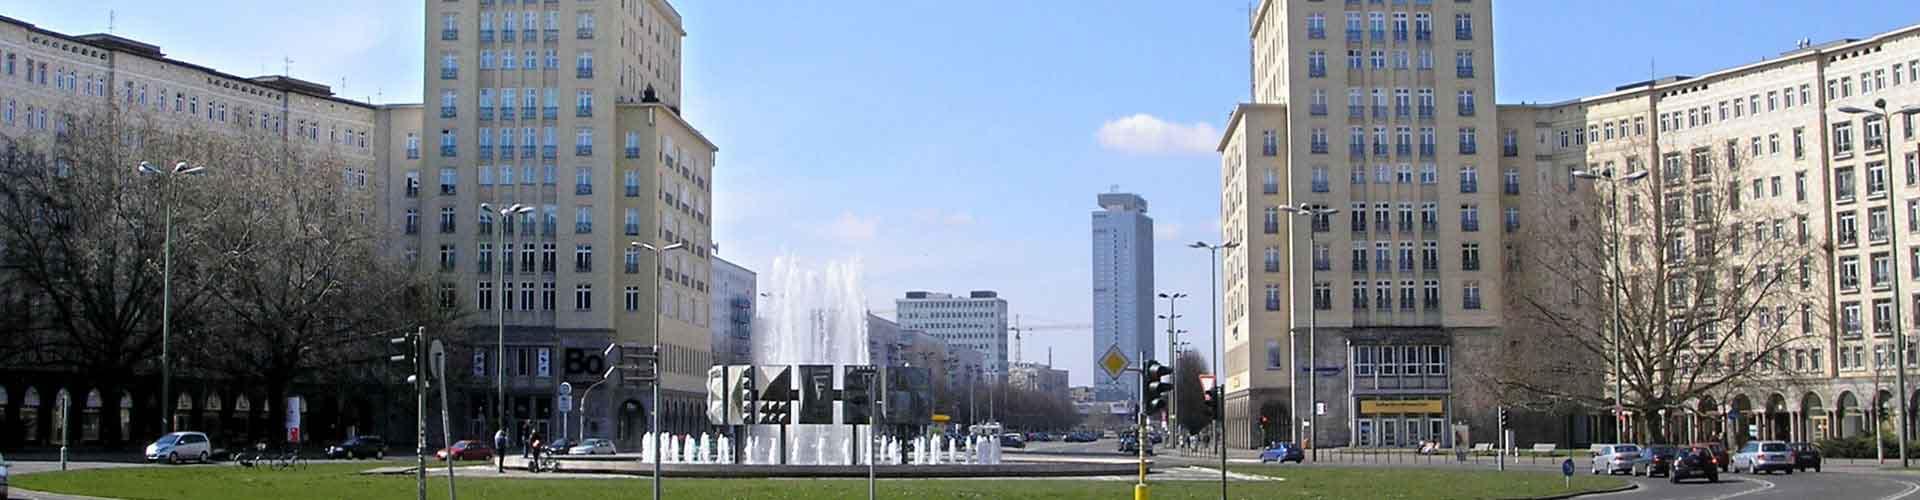 Berlín - Hoteles baratos cerca a Karl-Marx-Allee. Mapas de Berlín, Fotos y comentarios de cada Hotel en Berlín.